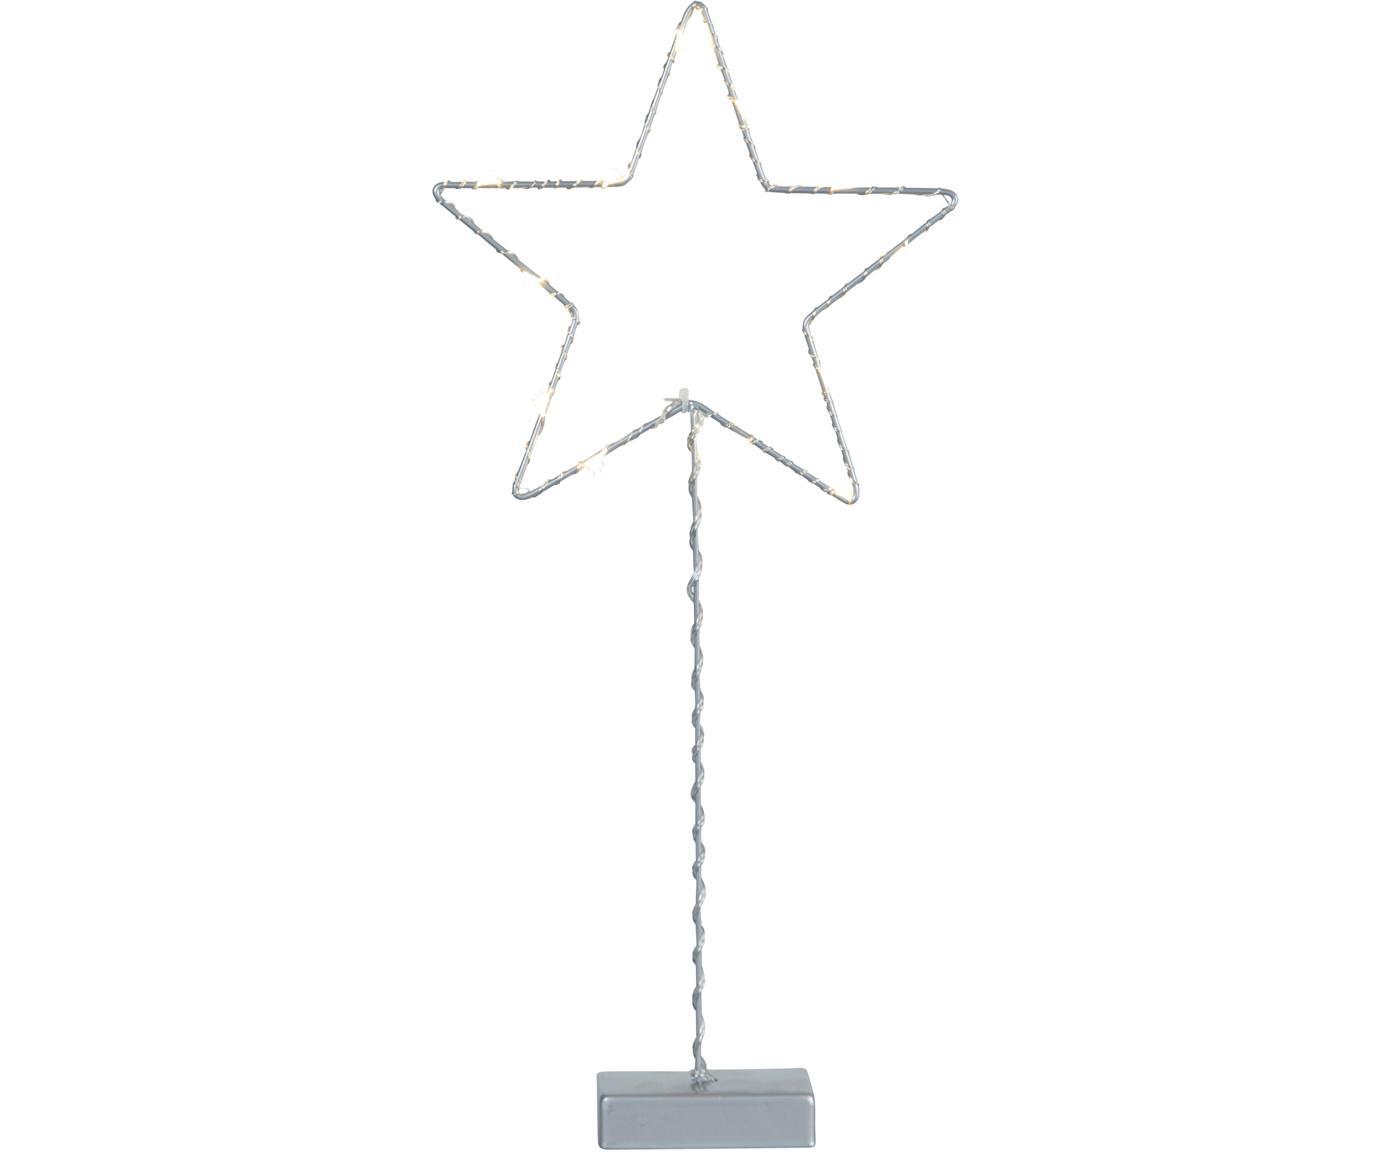 Dekoracja świetlna LED na baterie Star, Szary, S 19 x W 43 cm